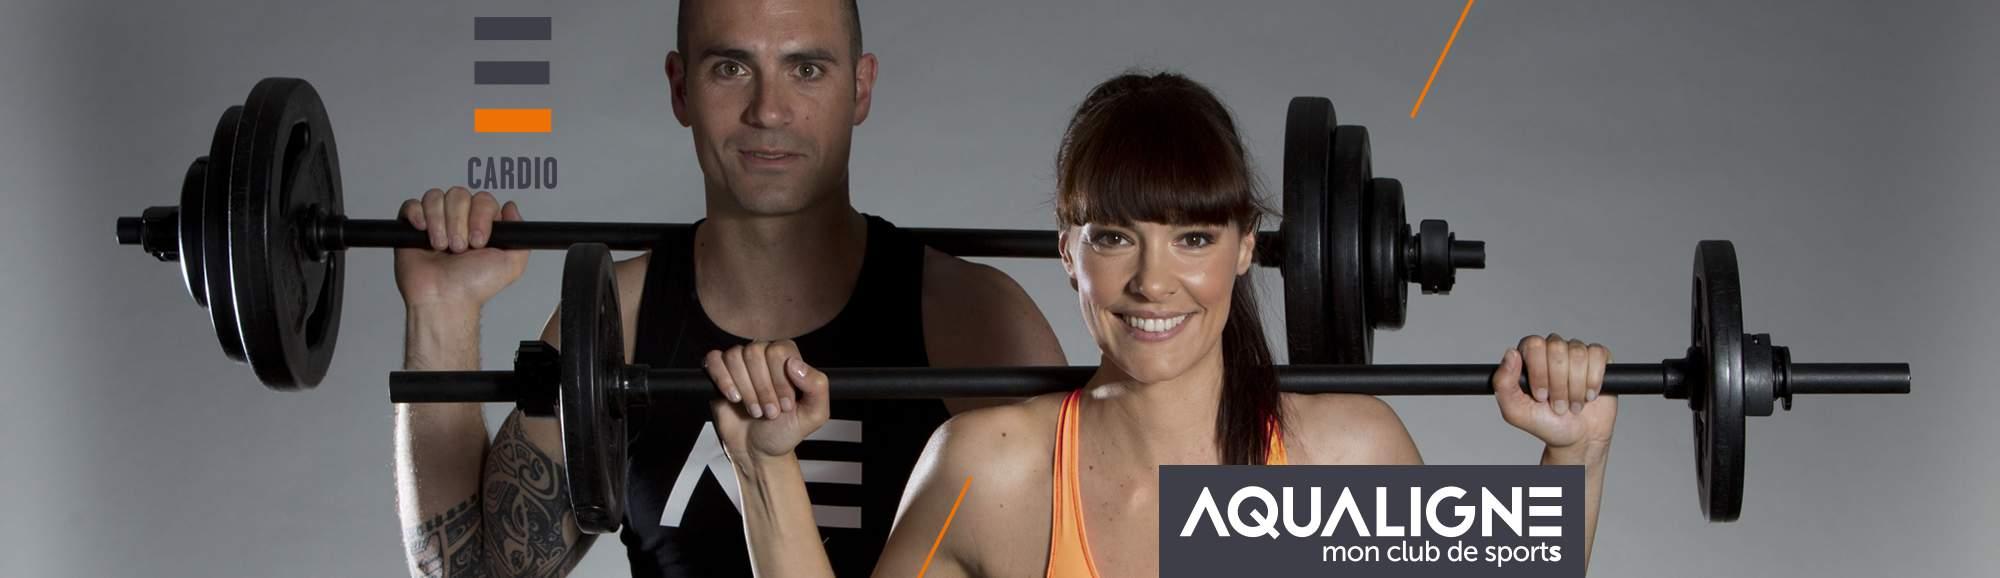 AQUALIGNE-club-sport-cardio-musculation